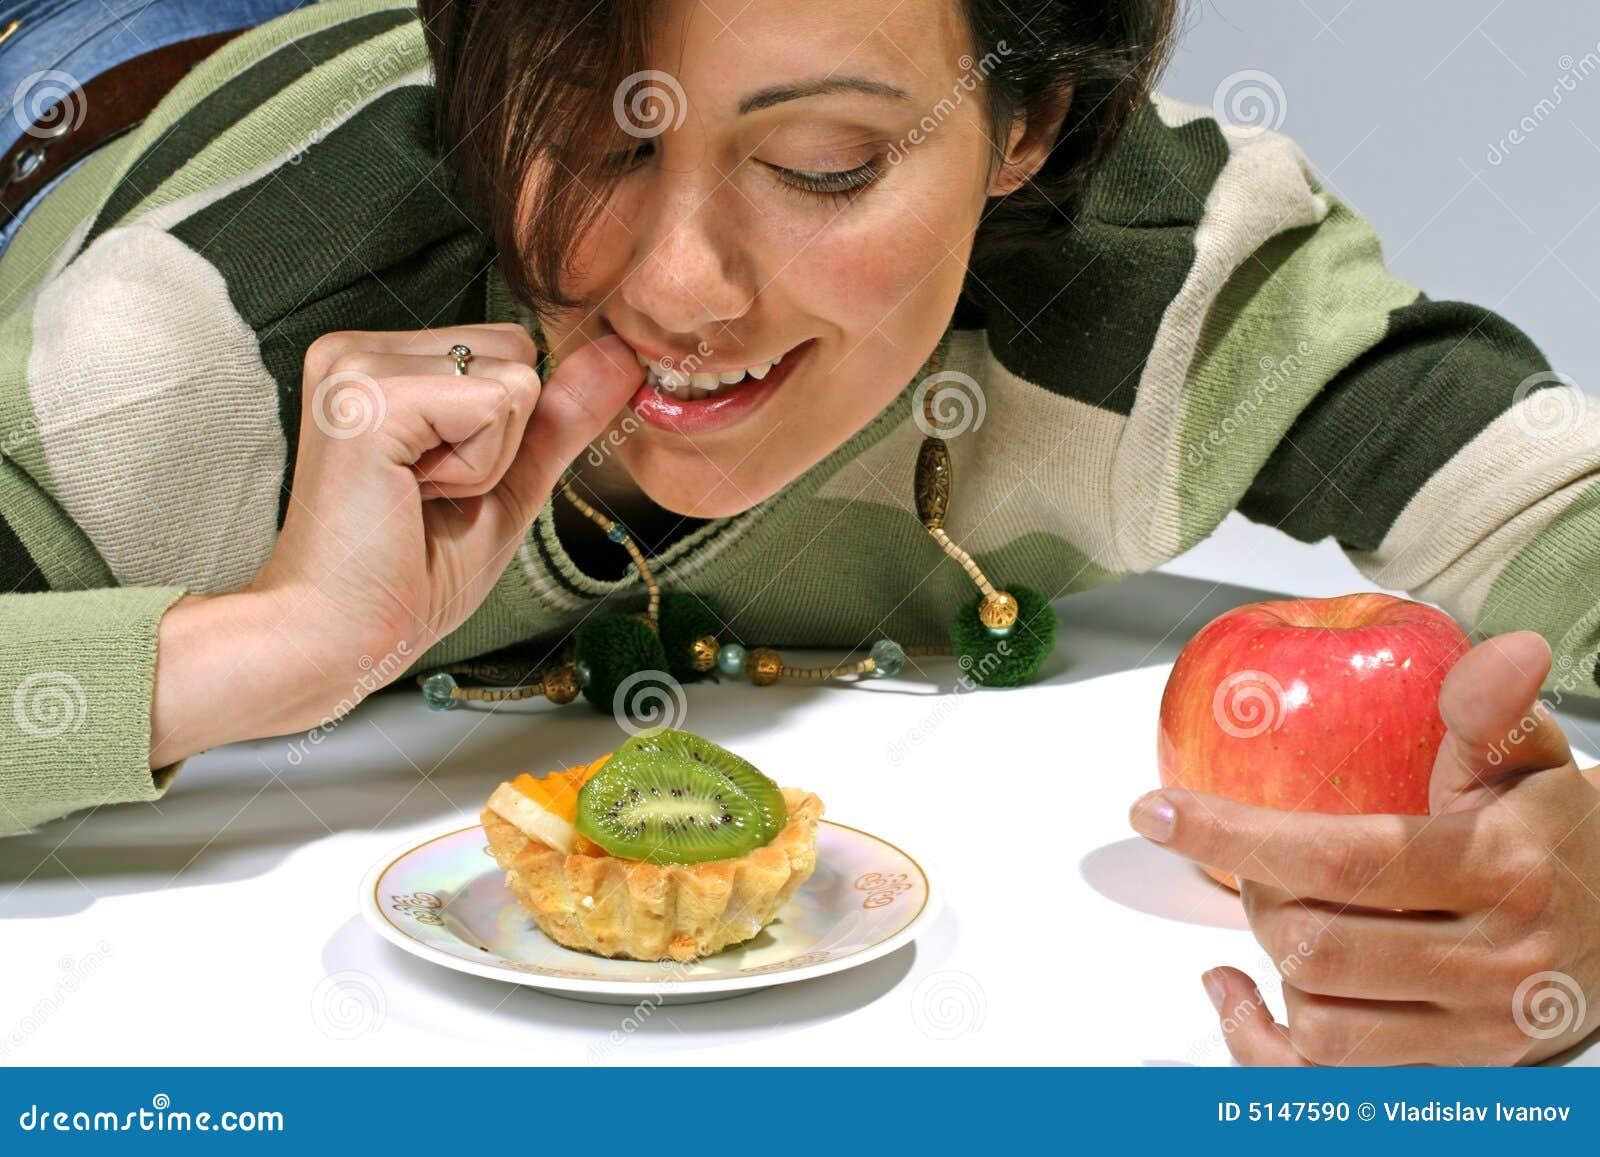 Diätversuchung - Kuchen gegen Apfel